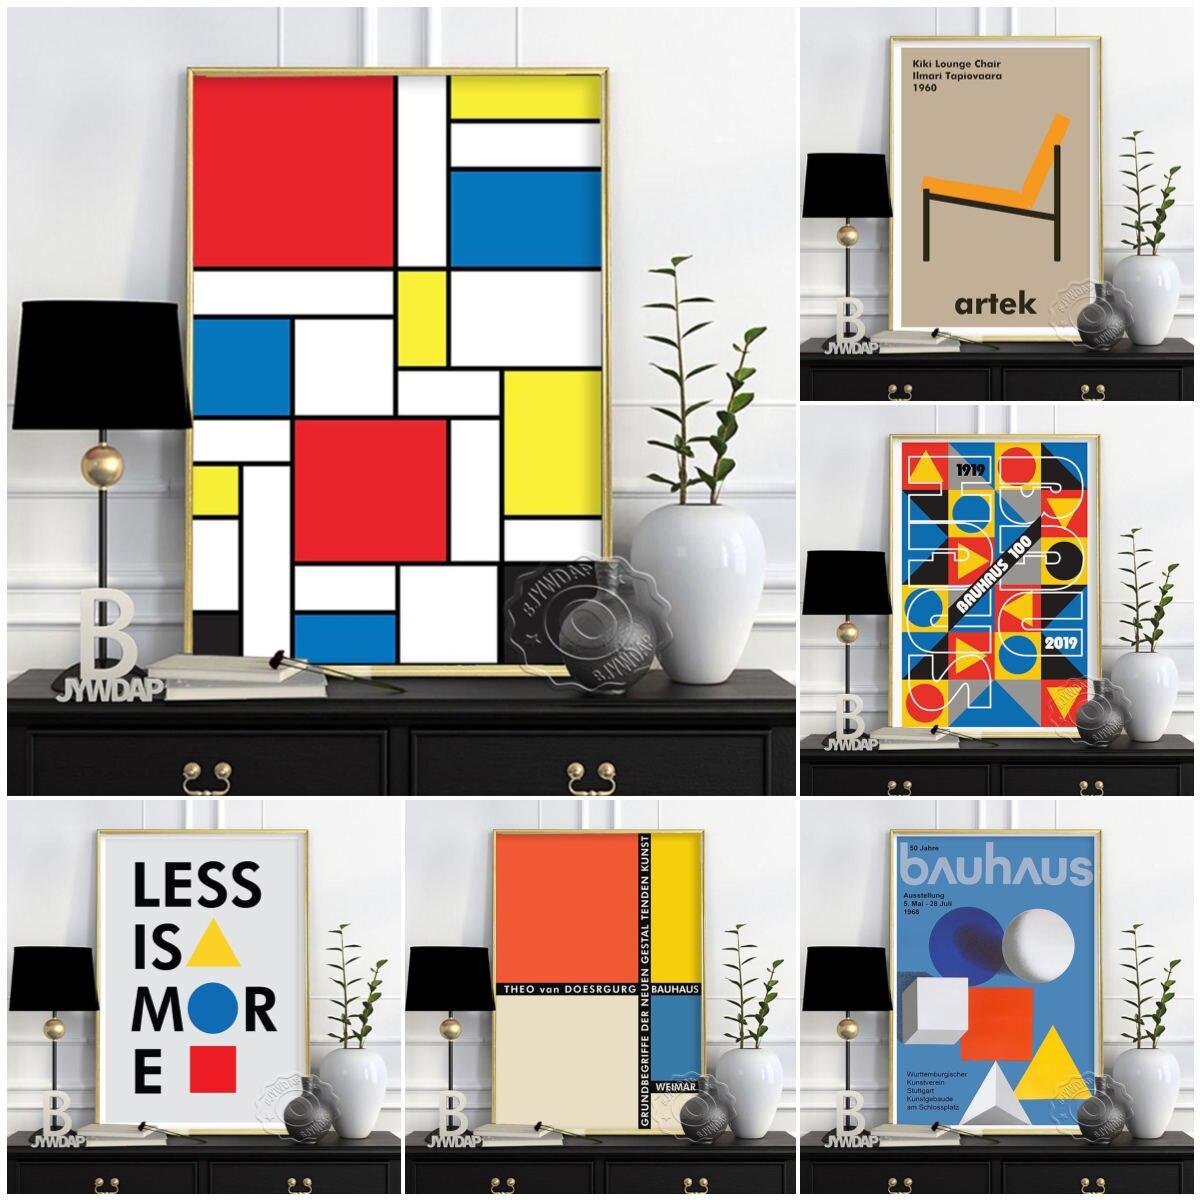 Стильный настенный Декор Bauhaus, меньше-больше постеров, печать постера на 100-ю годовщину, Классические Постеры, фотогалерея,